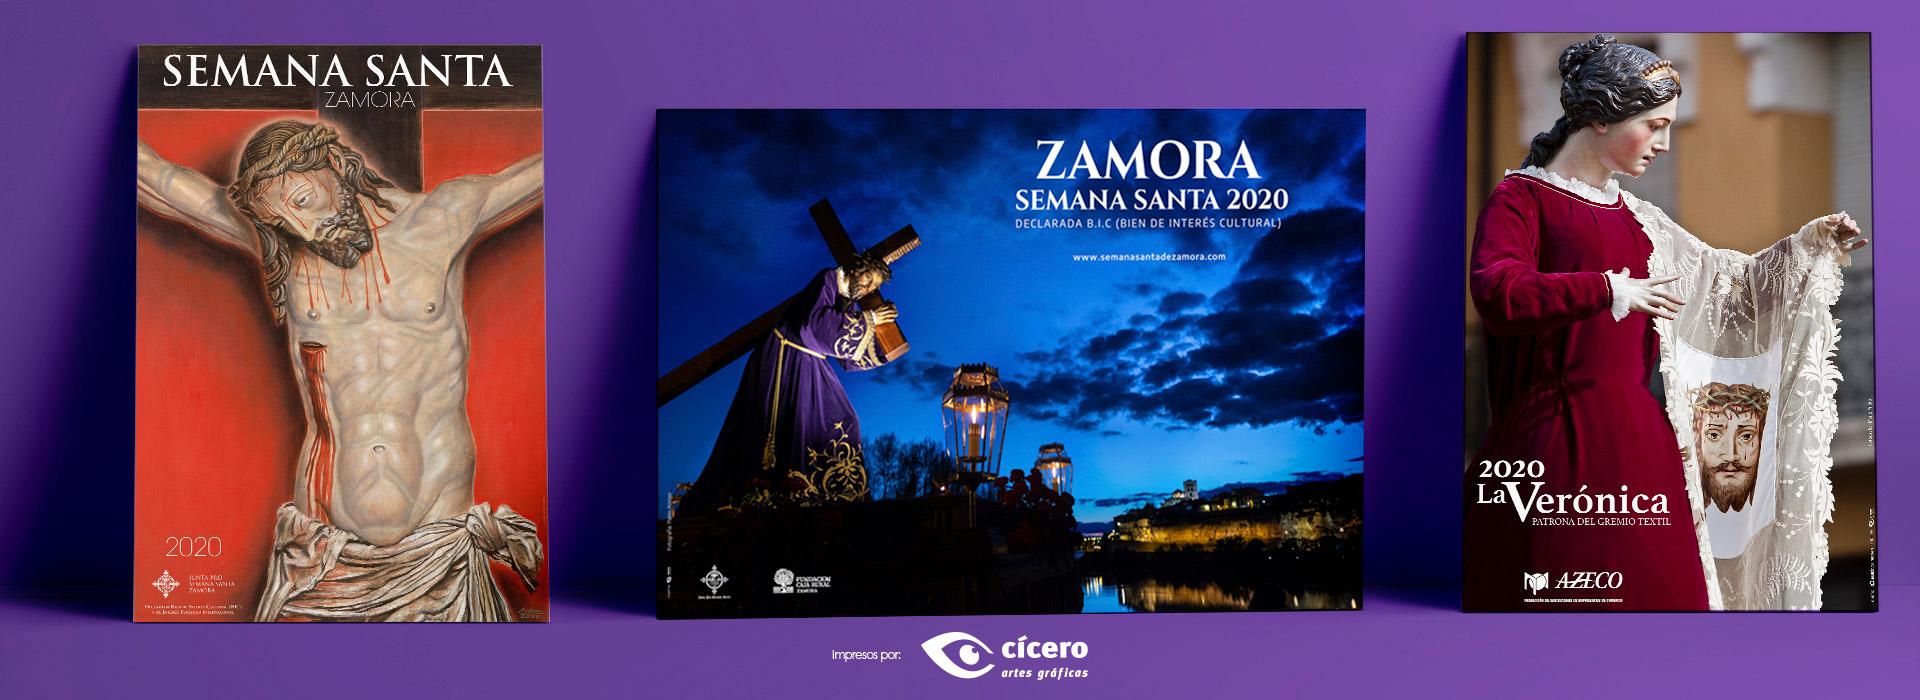 Carteles oficiales Semana Santa Zamora 2020